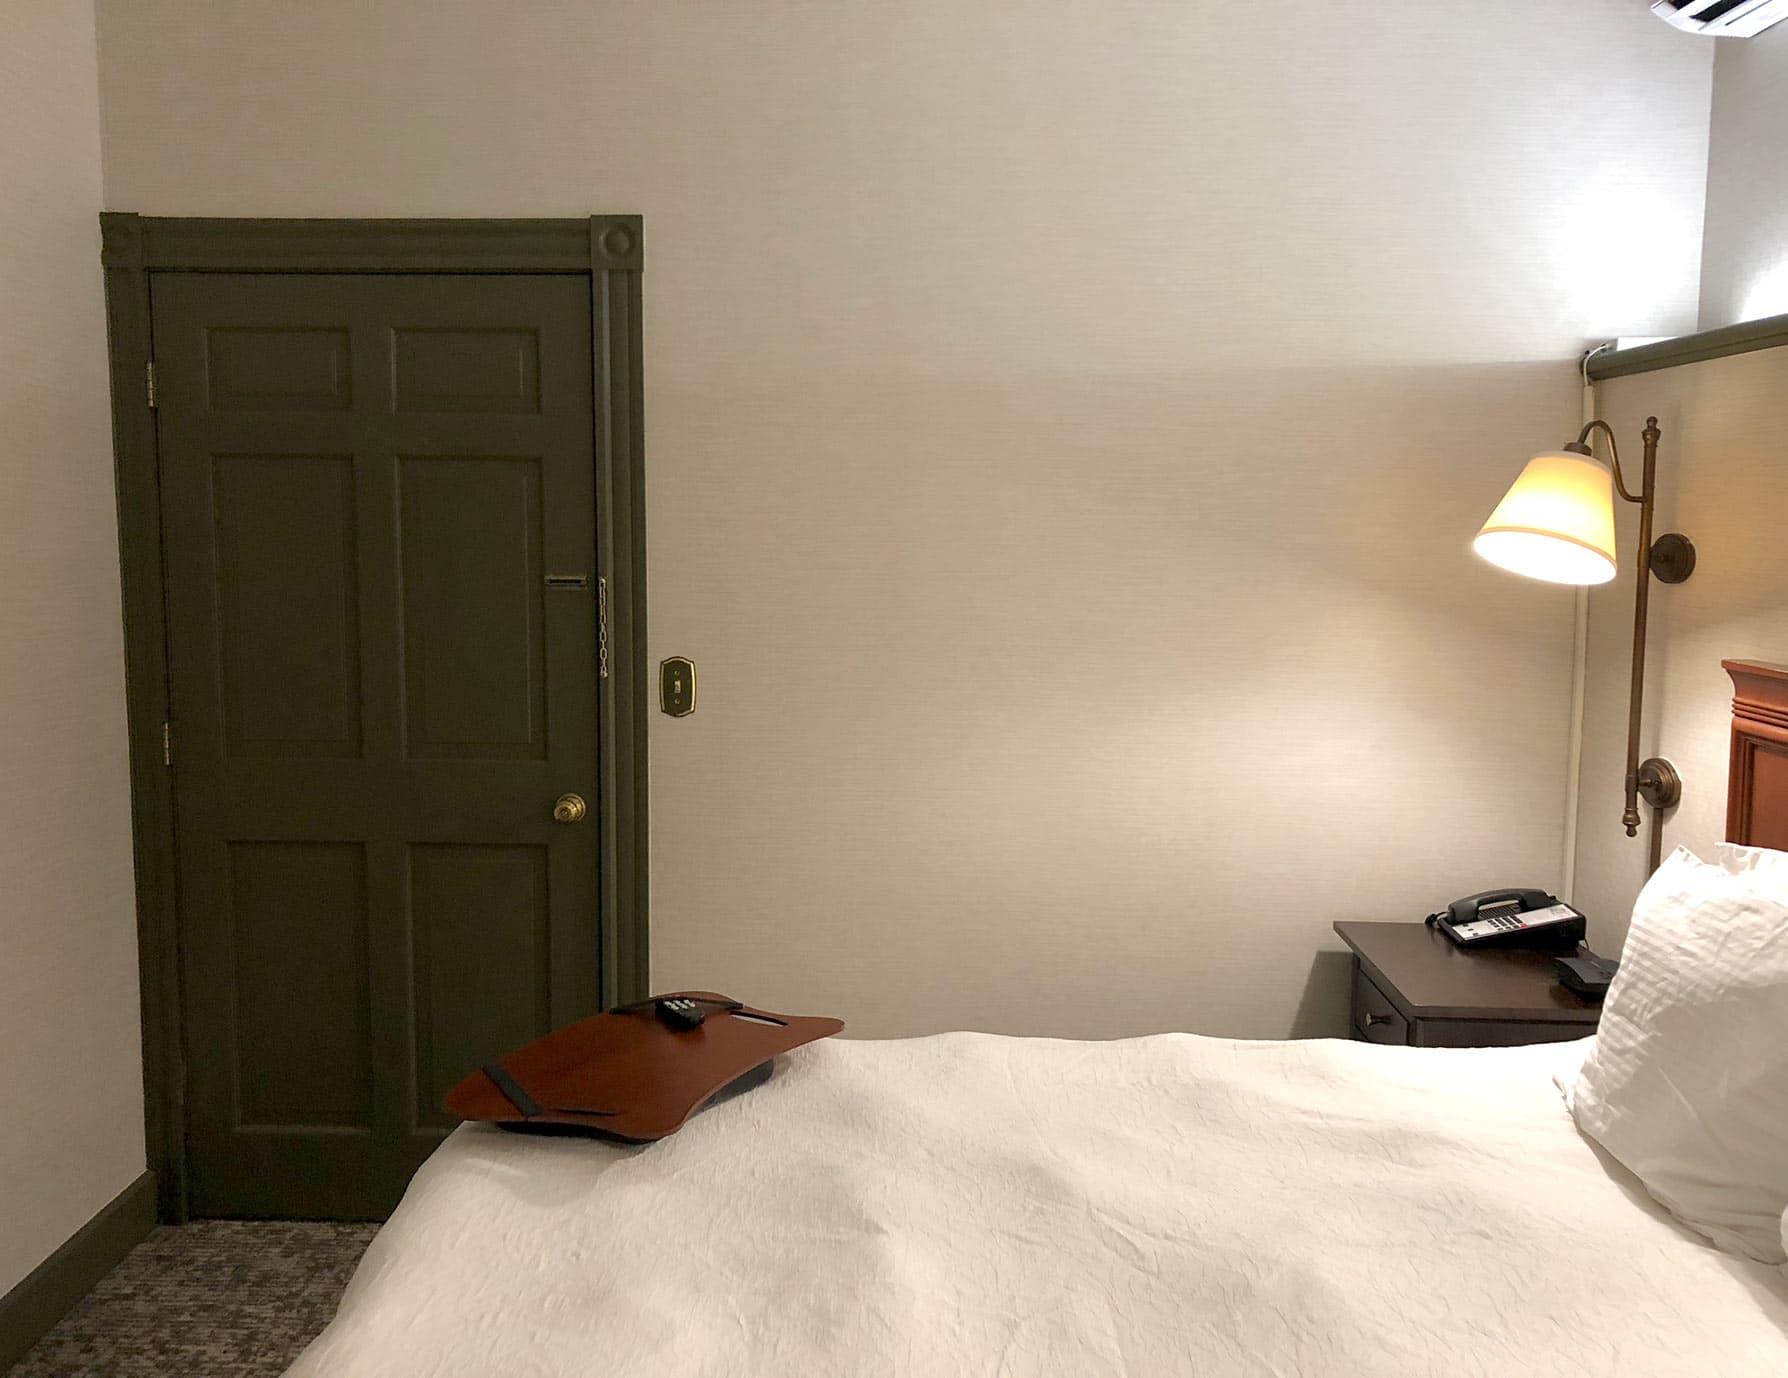 Bed, green door, bedside lamp - Bed and Breakfast in the Berkshires